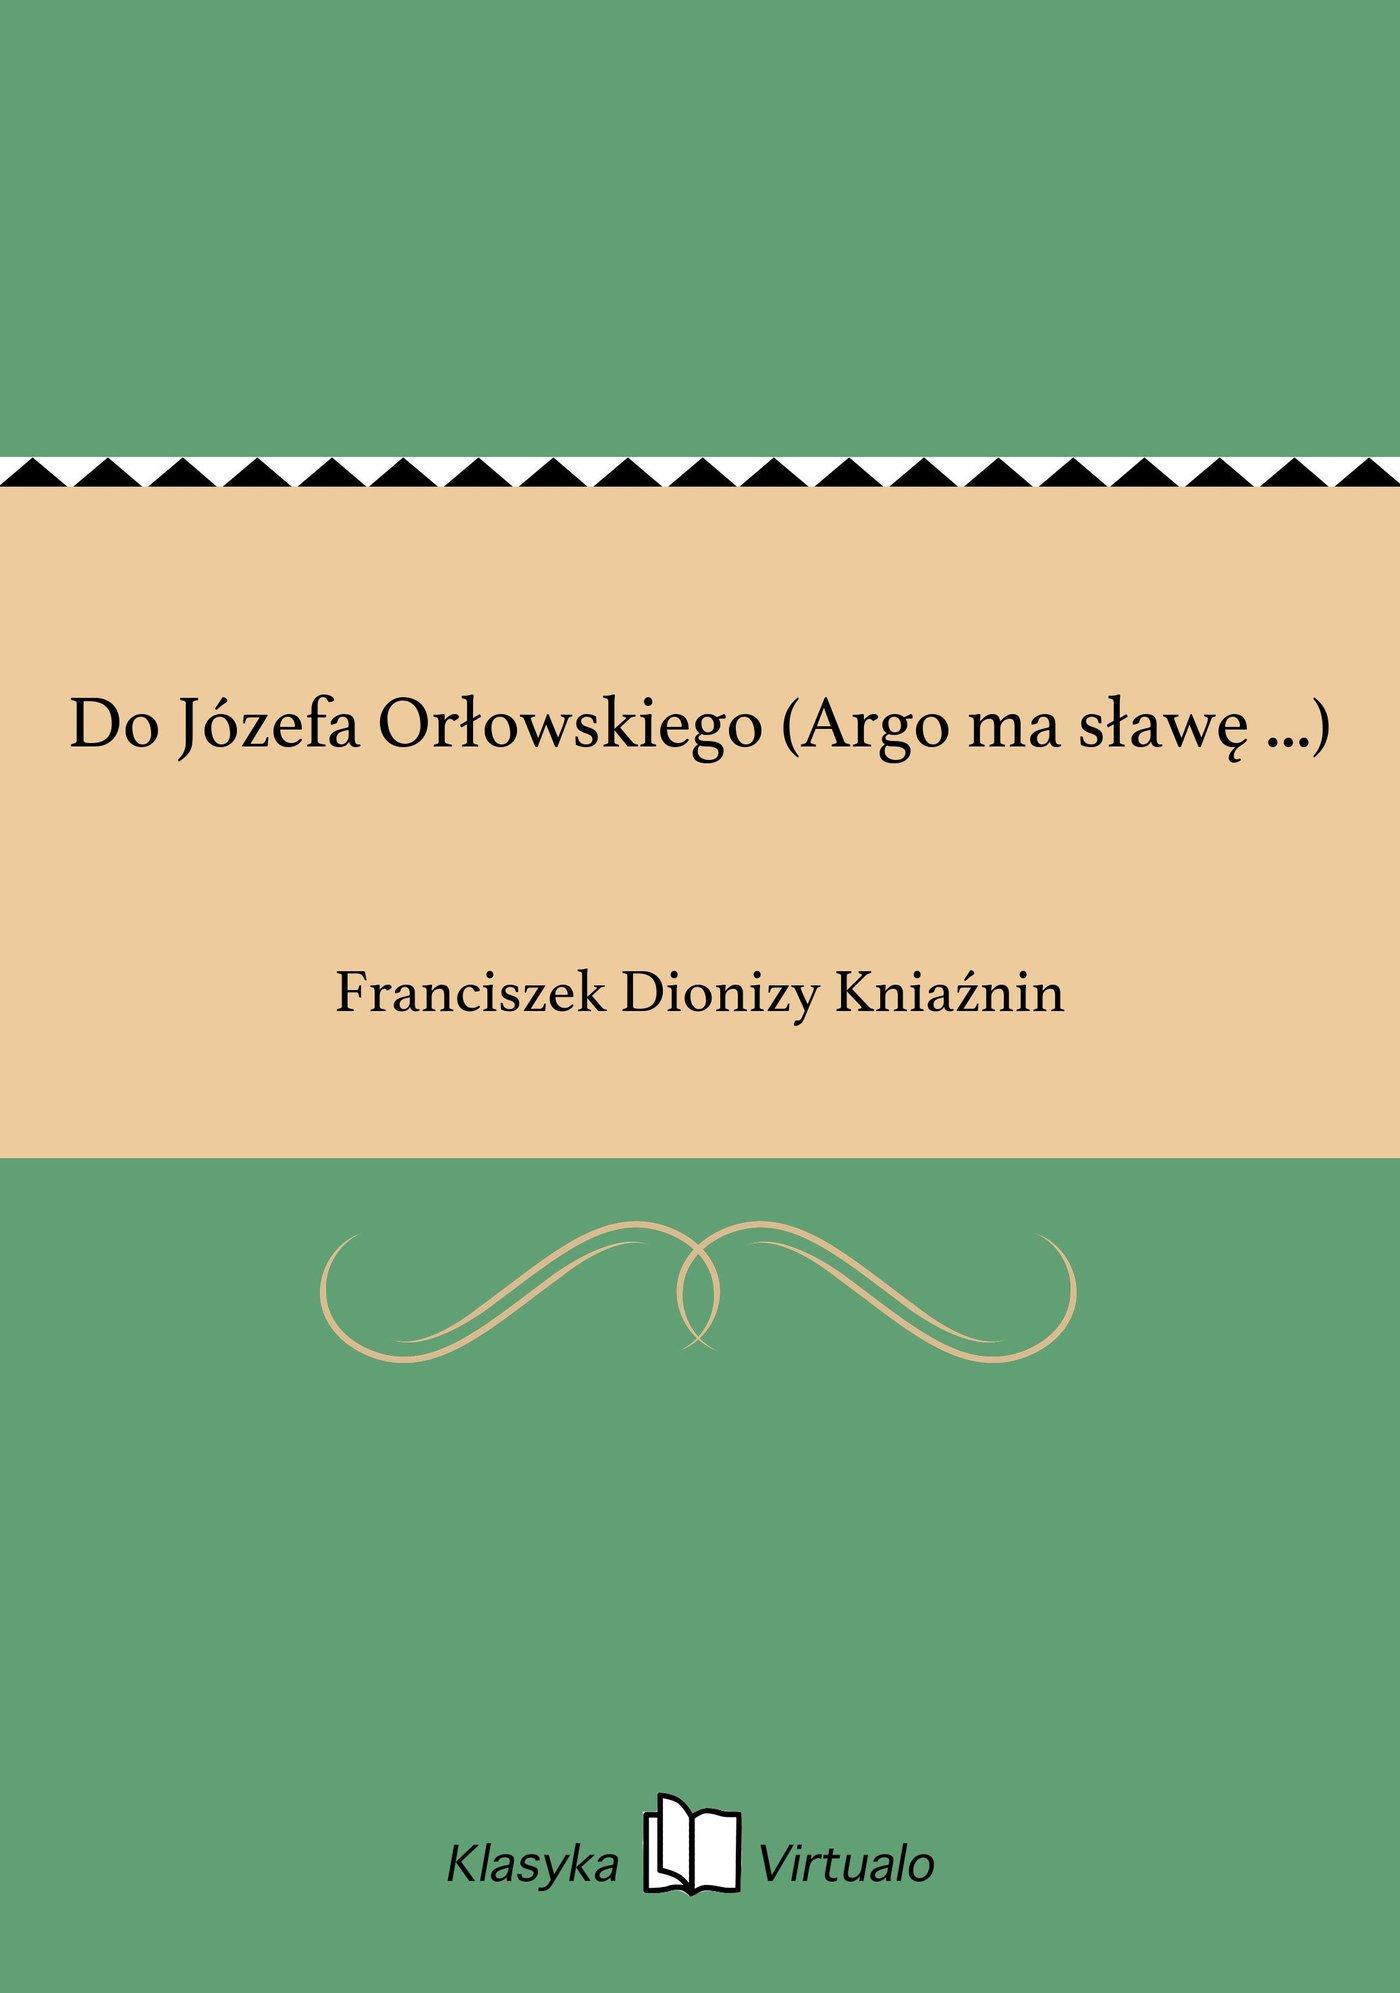 Do Józefa Orłowskiego (Argo ma sławę ...) - Ebook (Książka na Kindle) do pobrania w formacie MOBI